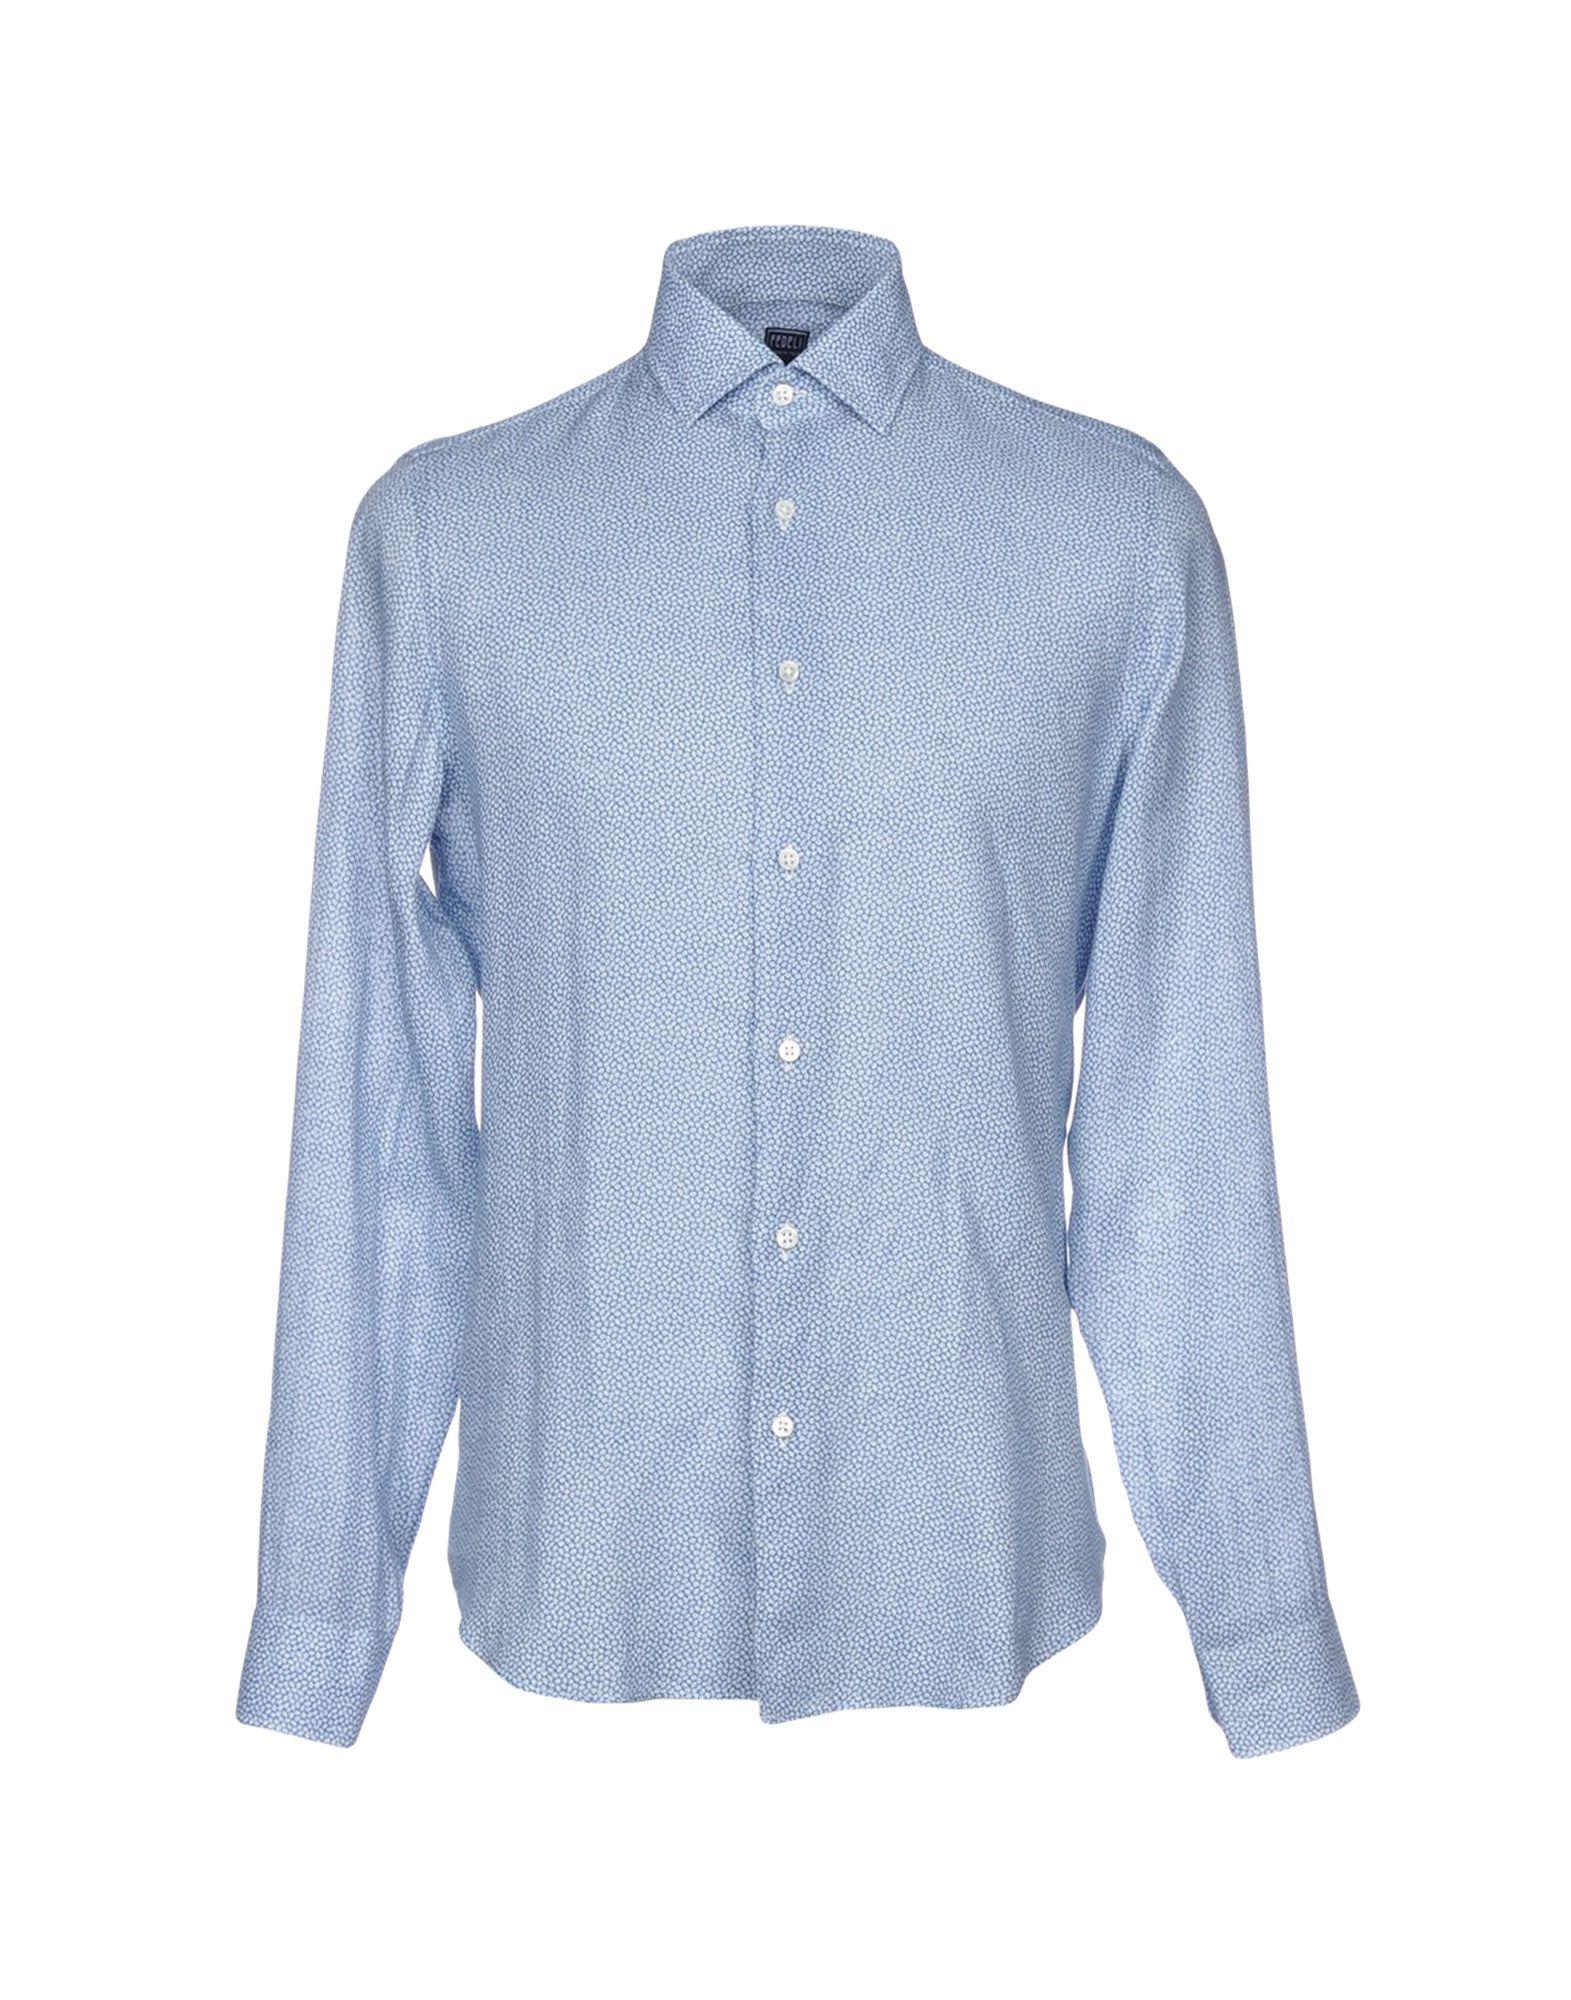 FEDELI メンズ シャツ ブルー 39 麻 100%